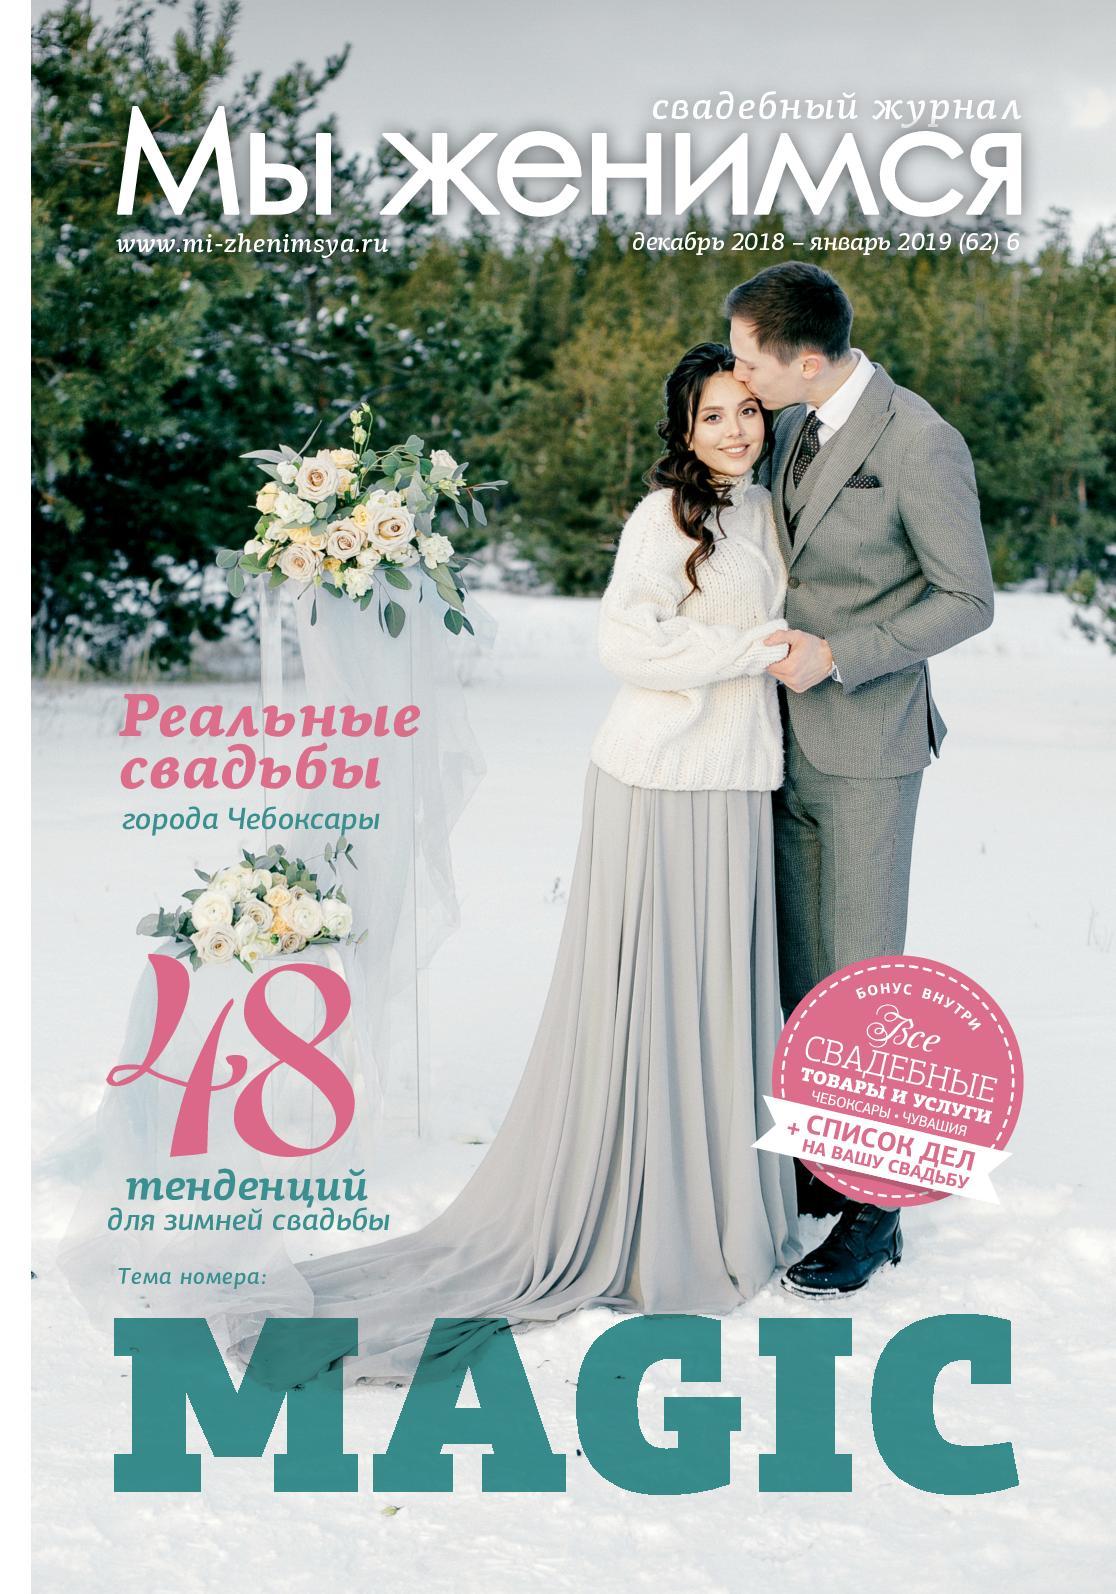 lana-uzbechka-v-cheboksarah